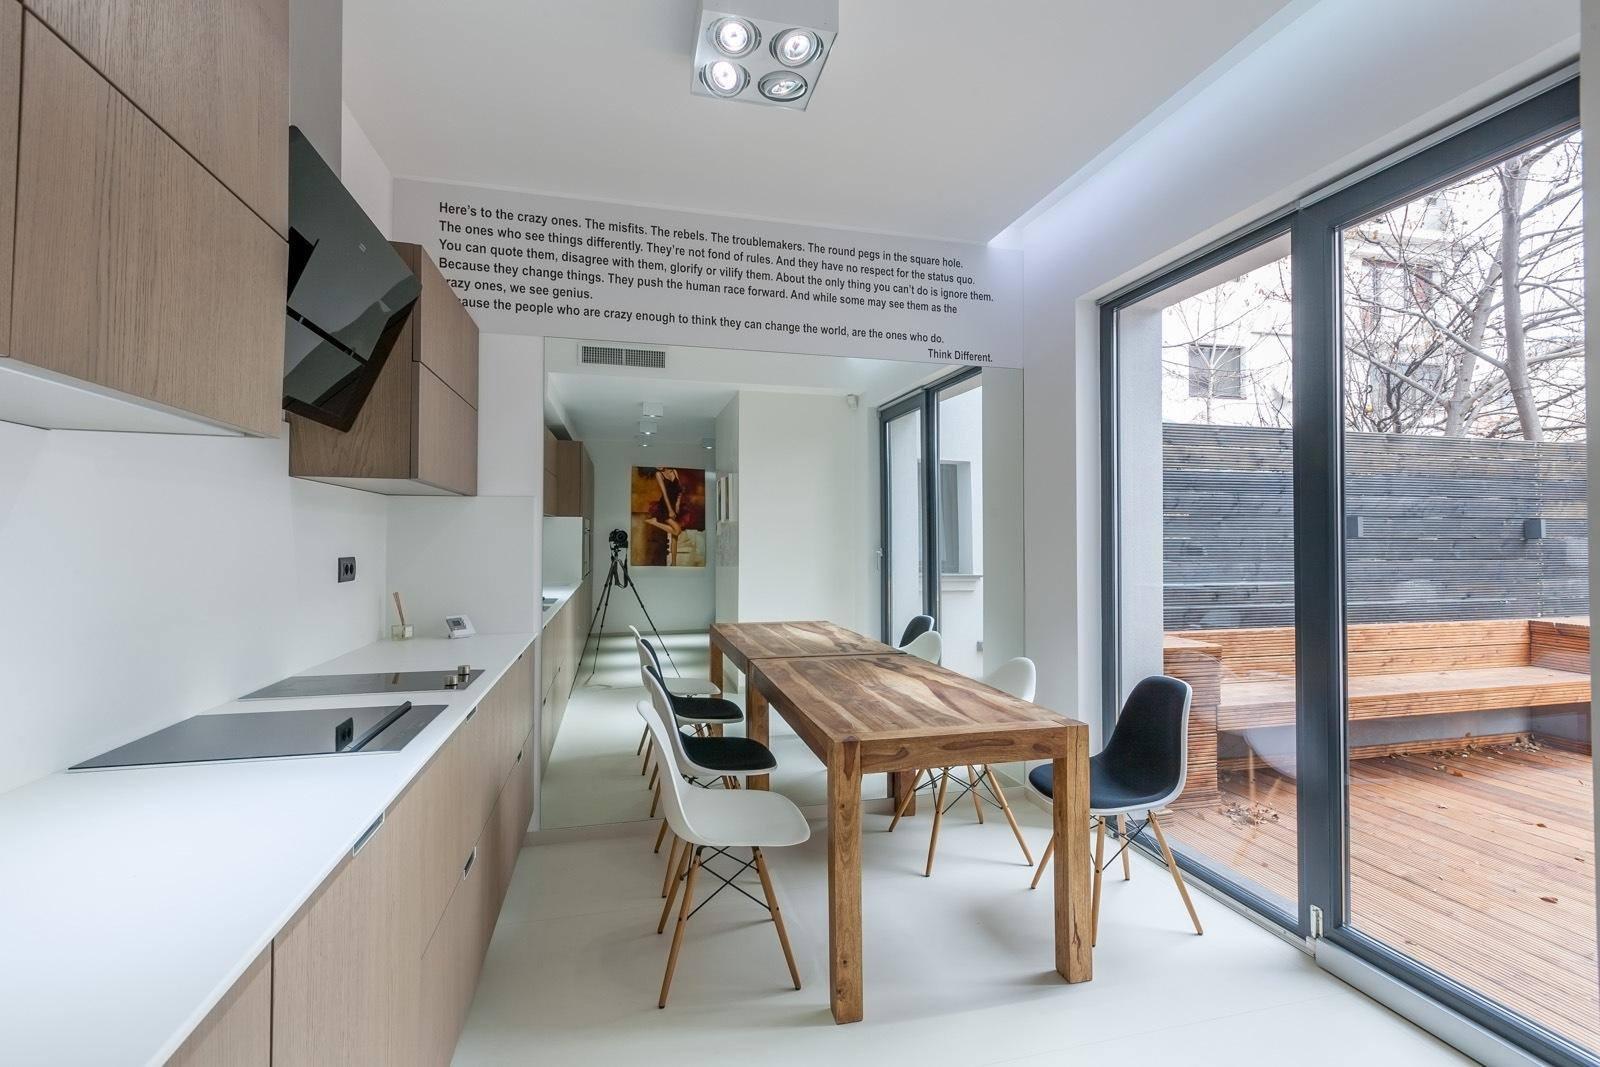 Bucatarie din cadrul proiectului Dorobanti Villa realizat de Lemon Design